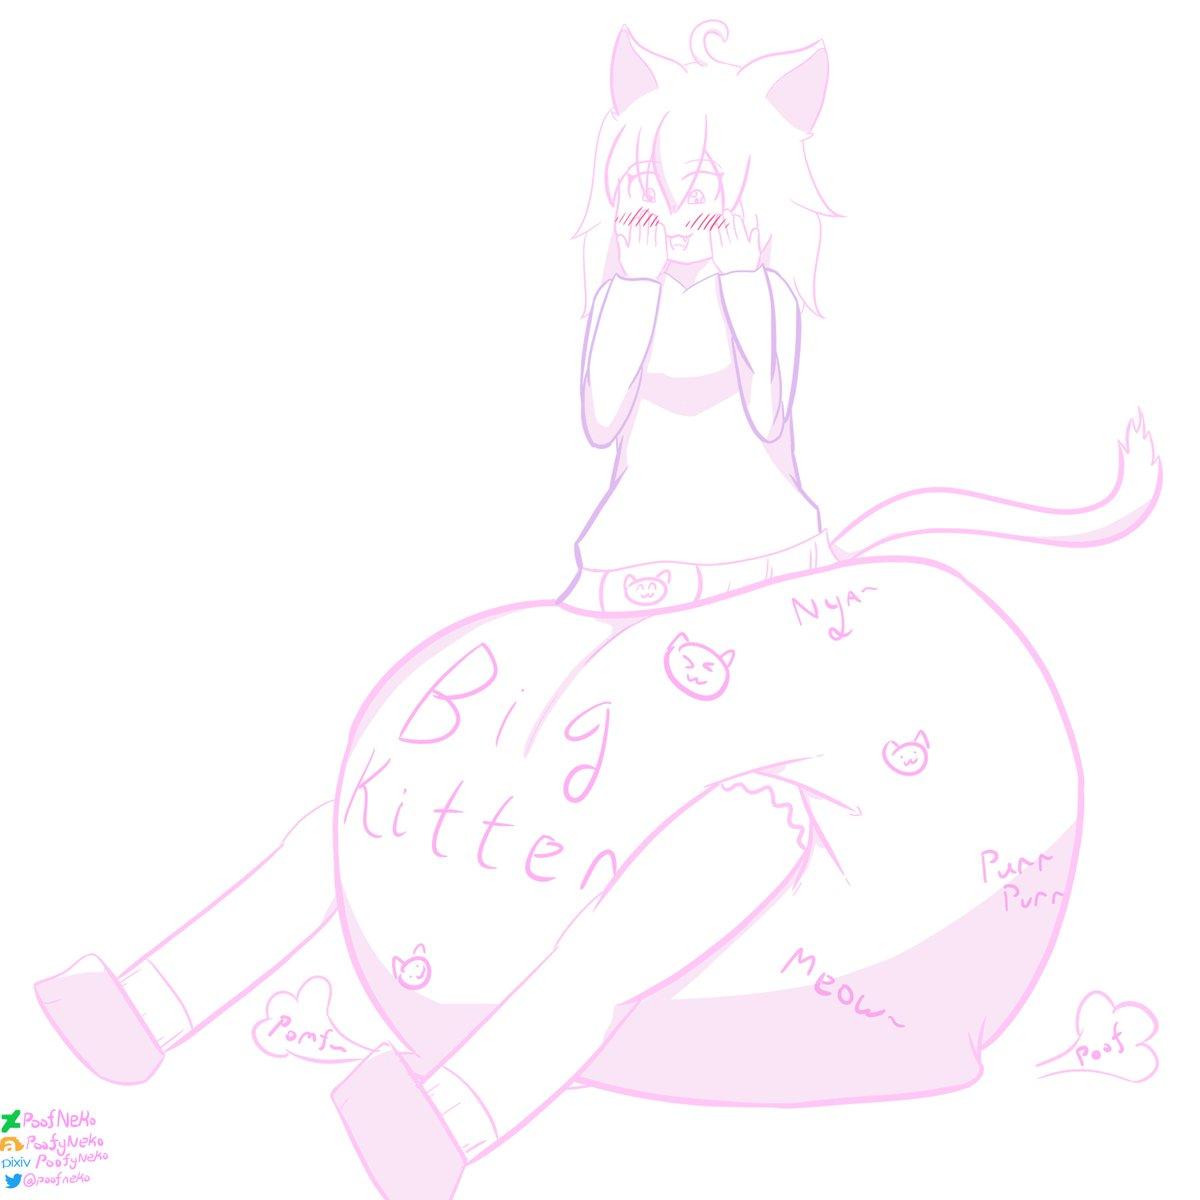 Diaper Neko